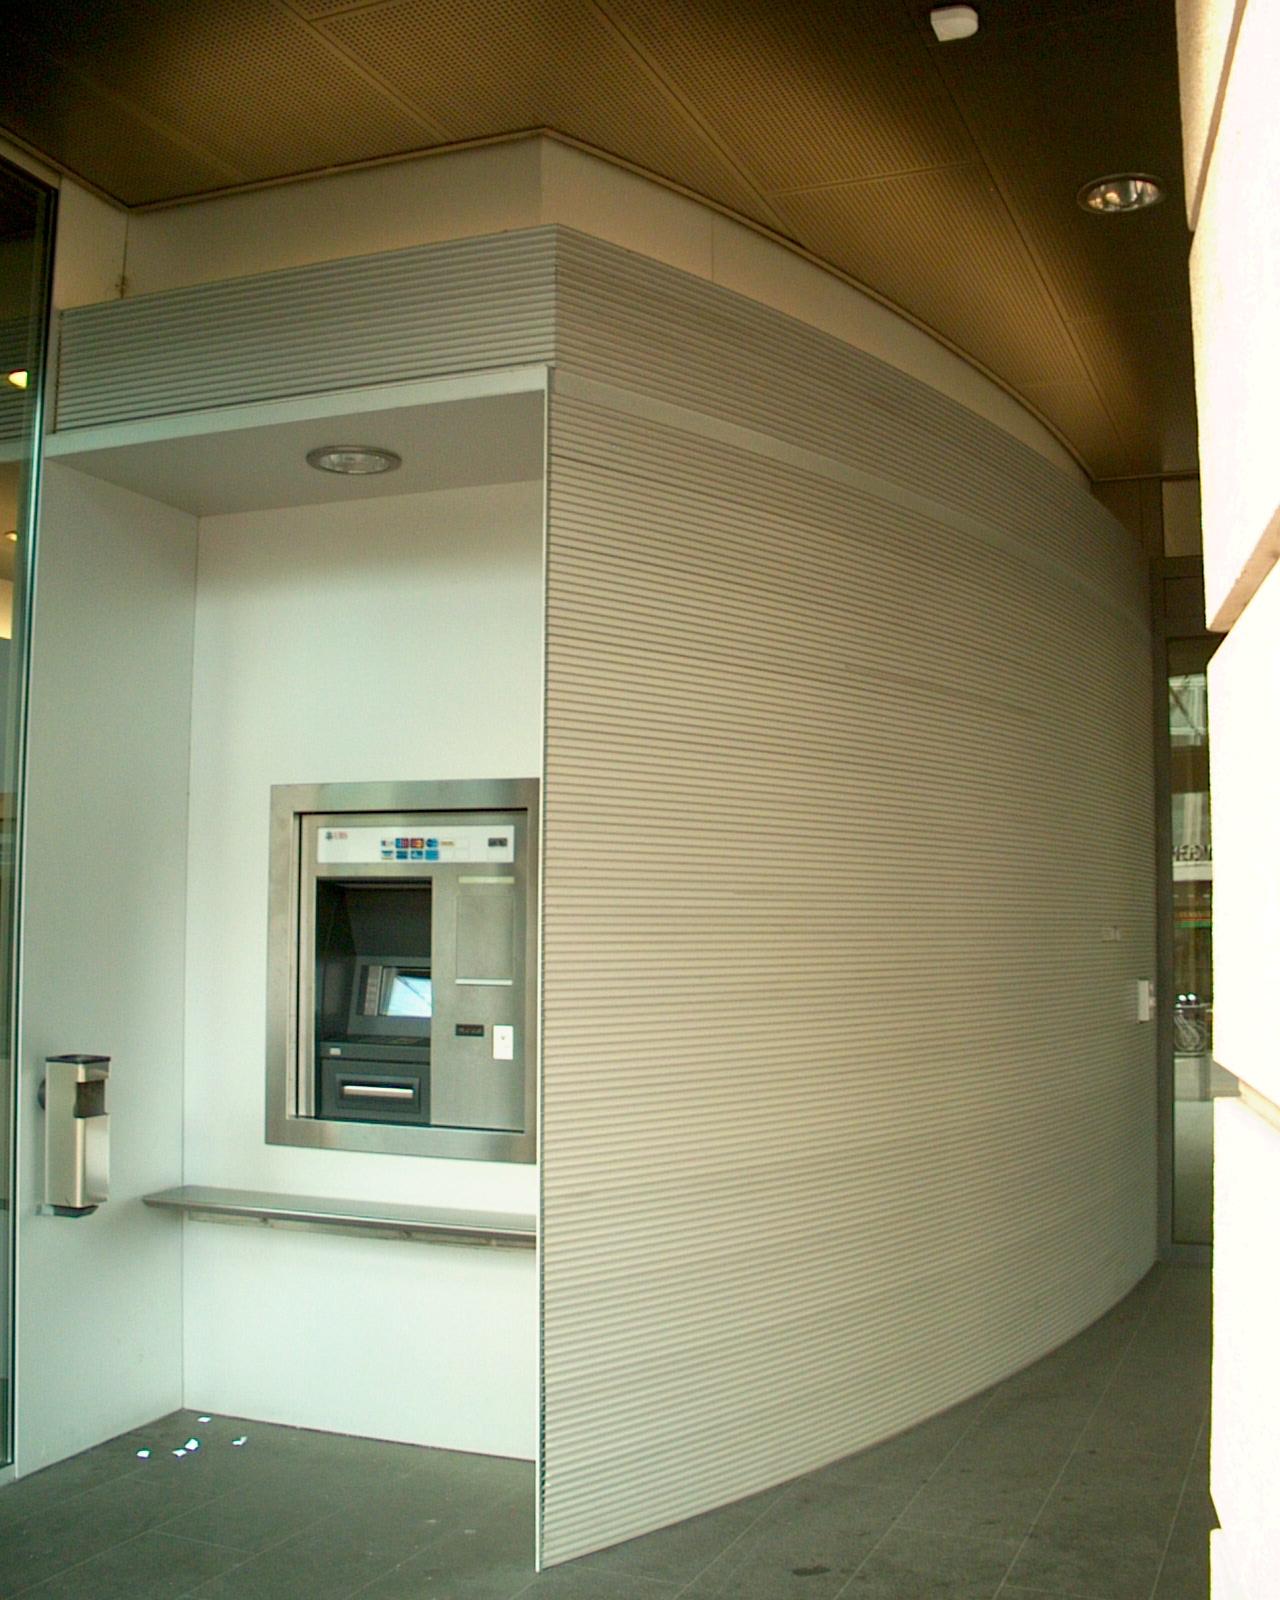 UBS Vevey